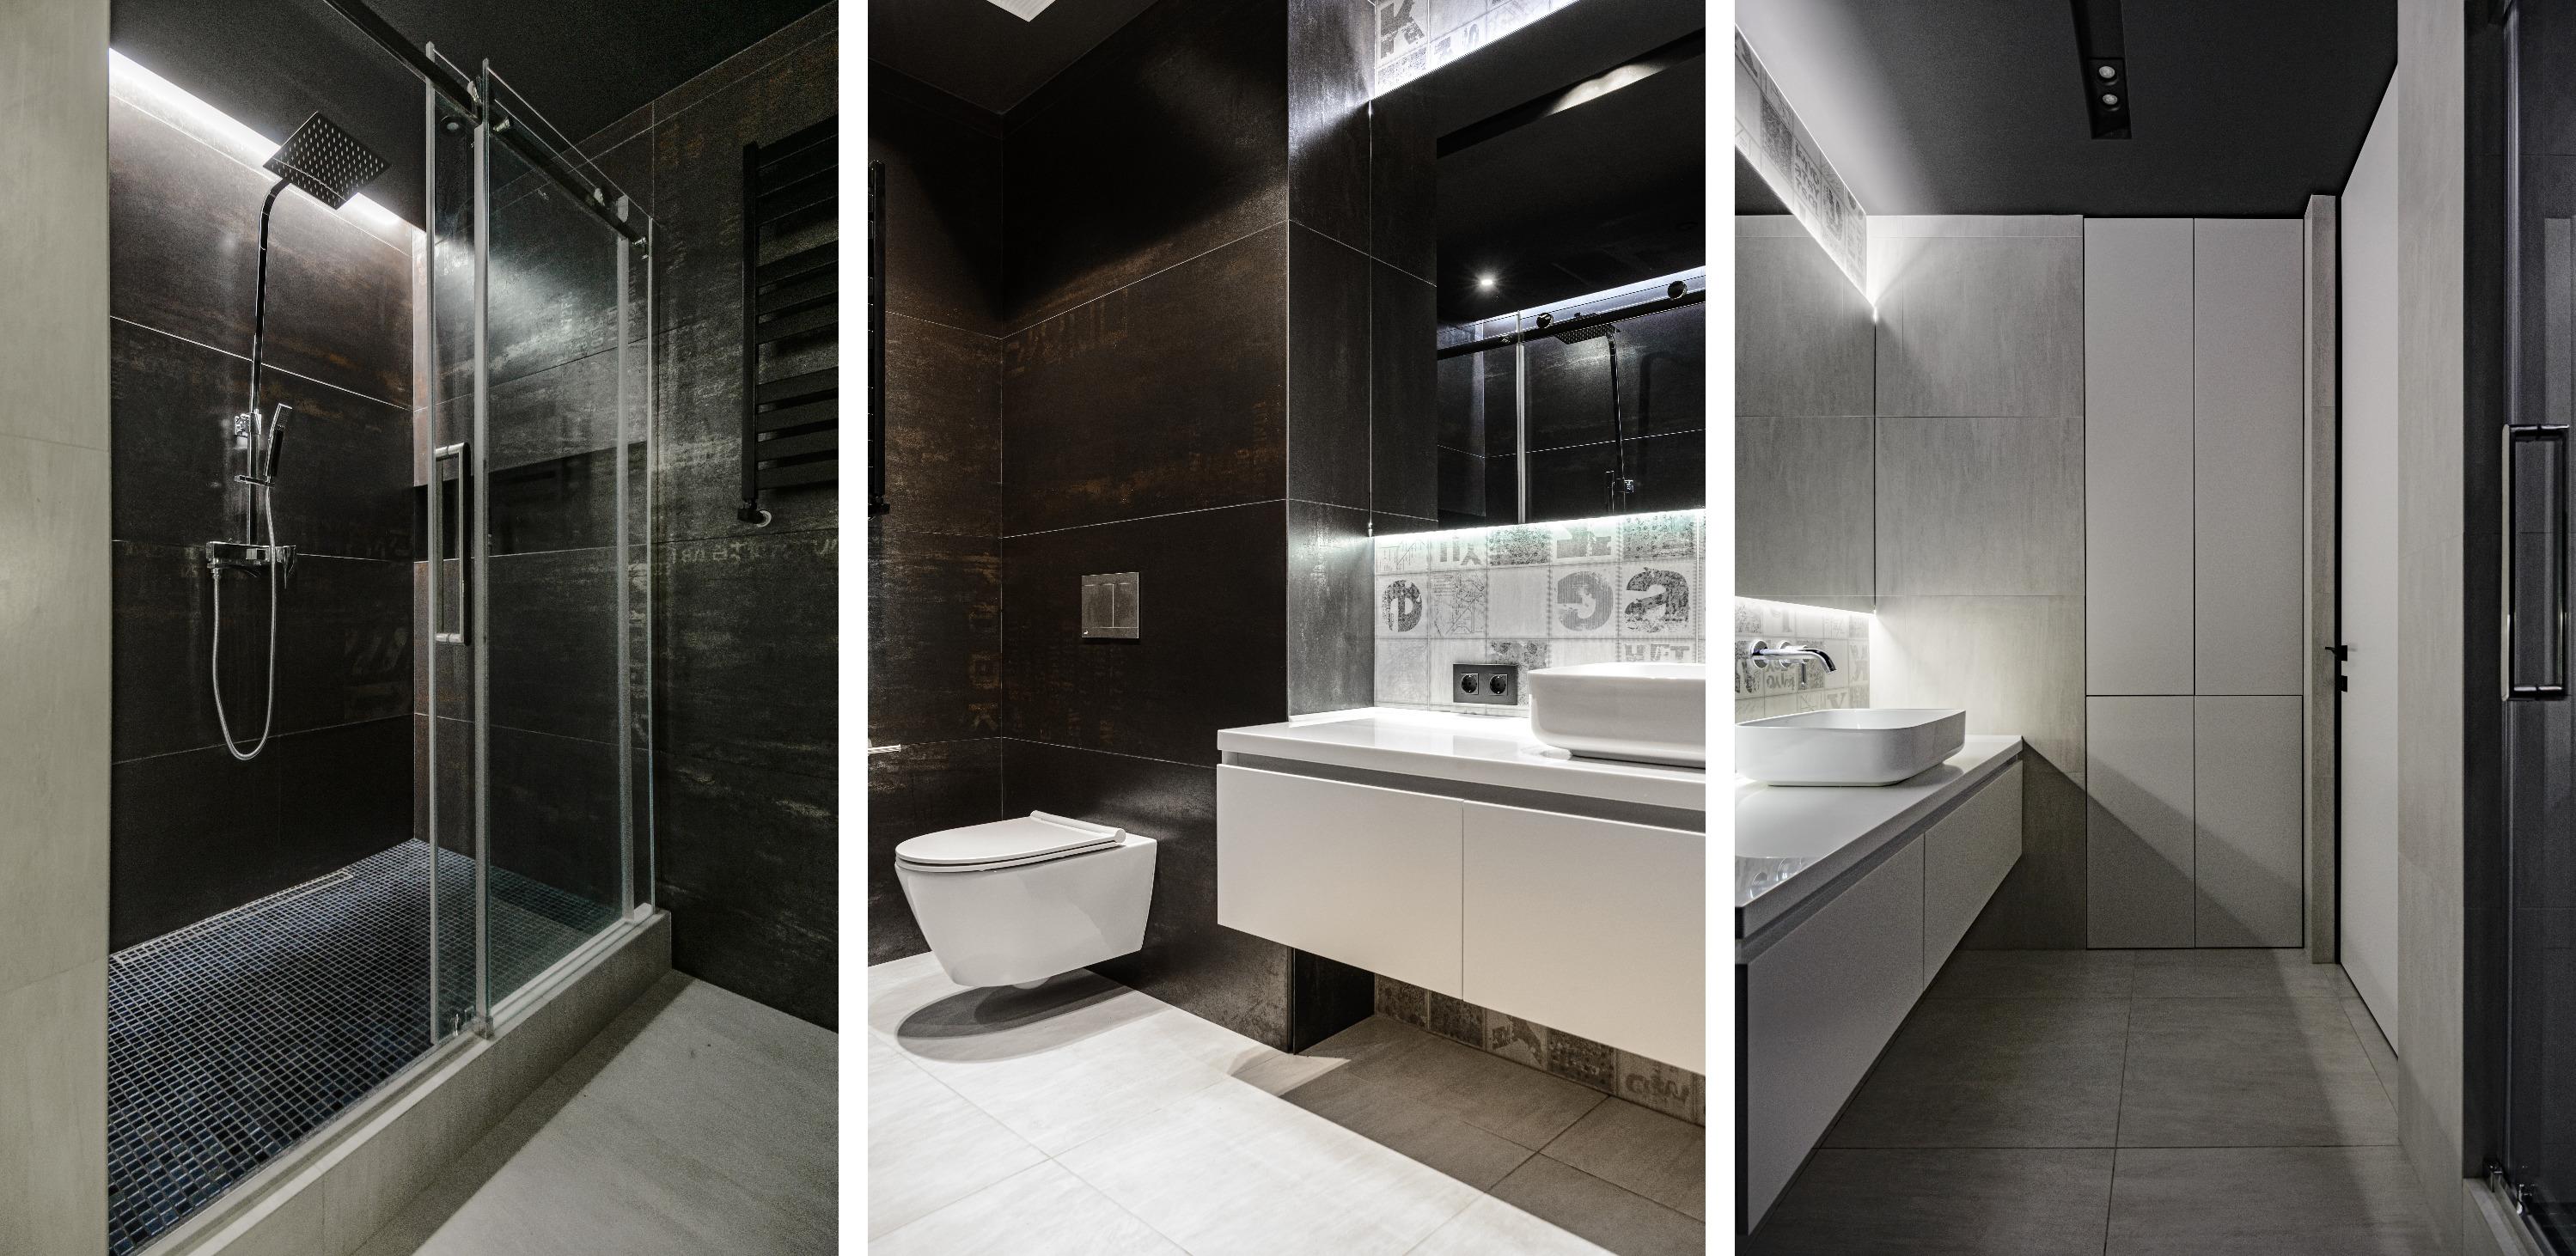 Плитку для ванной подобрали под металл, а часть плиток будто «забомблены» стрит-художниками